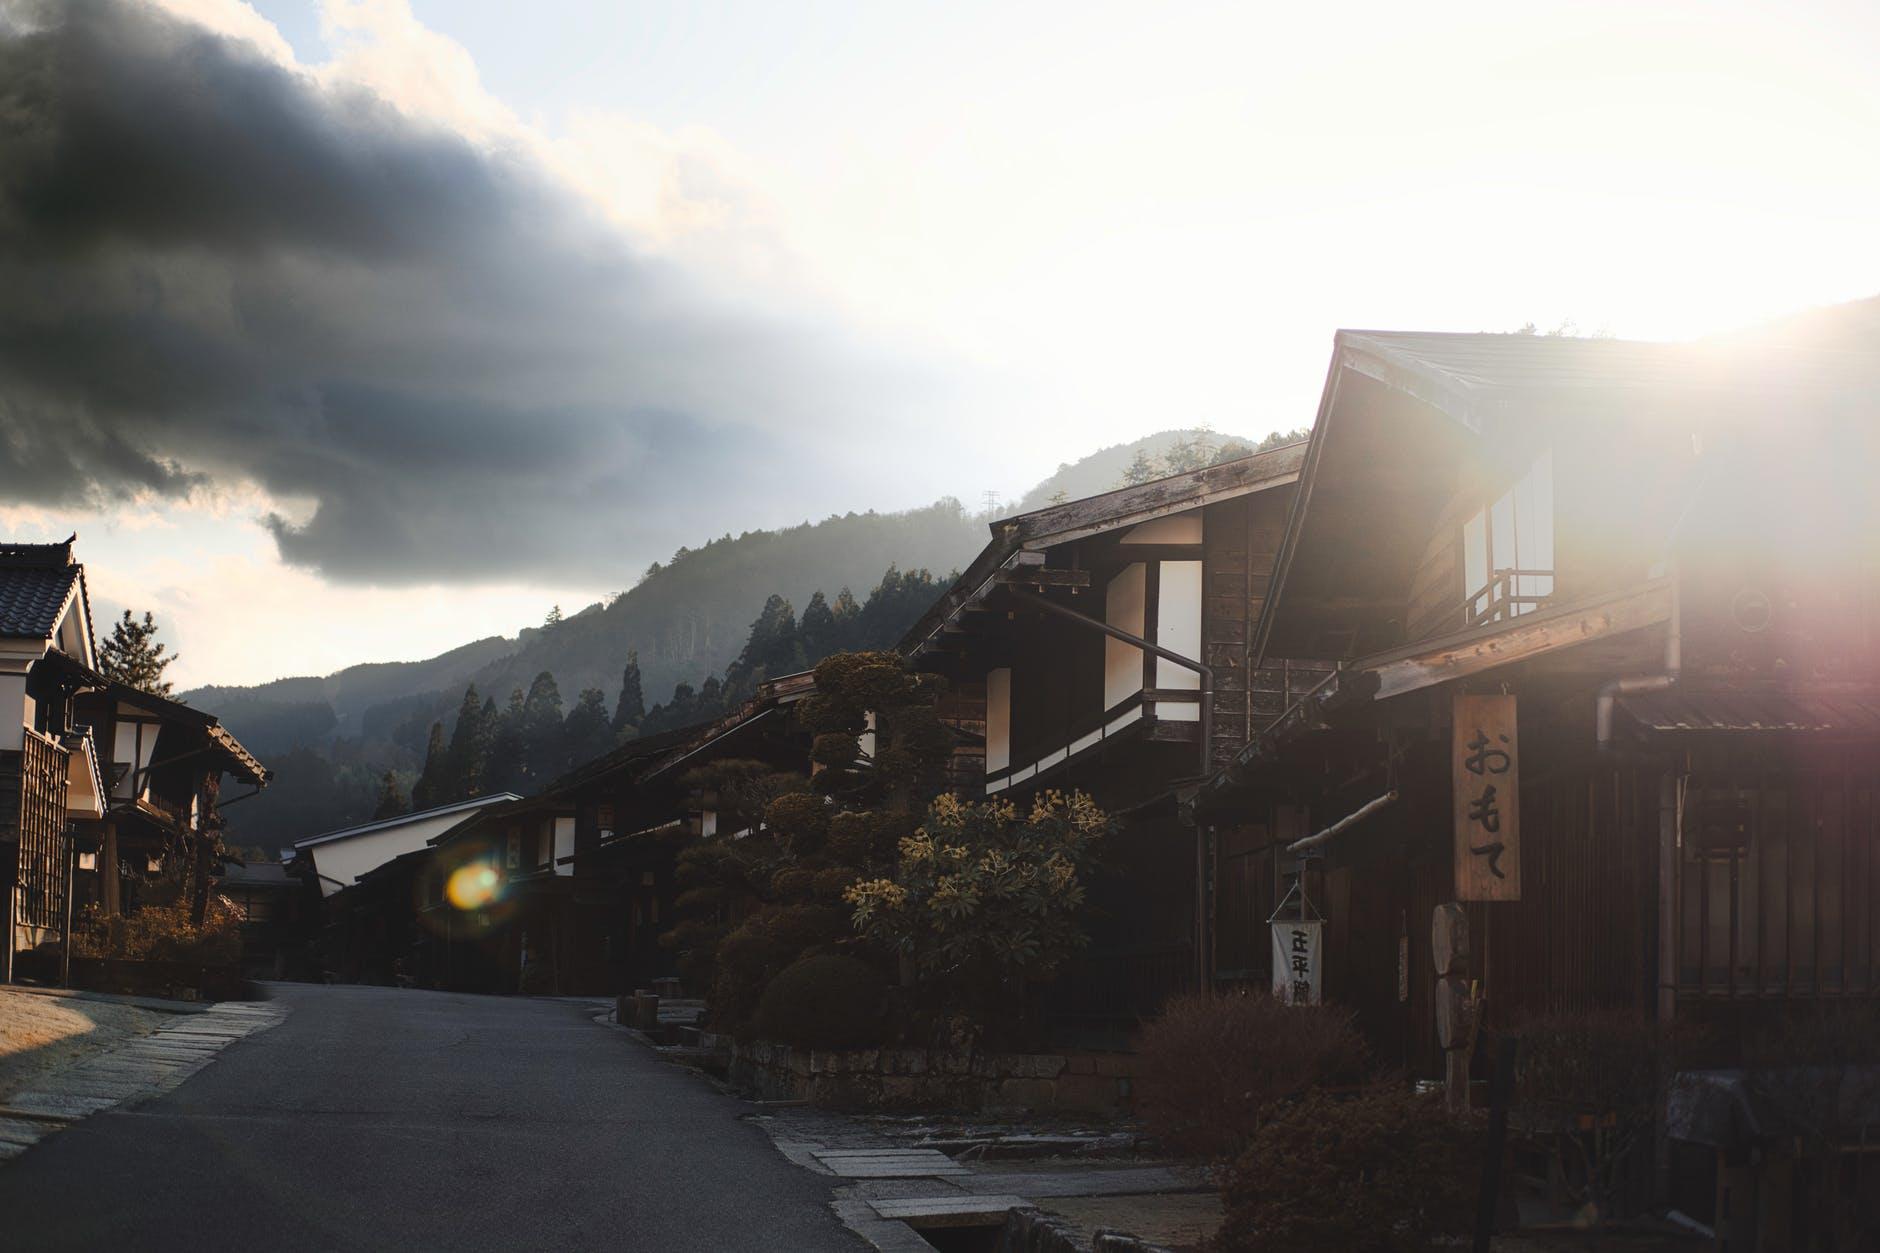 road between brown houses